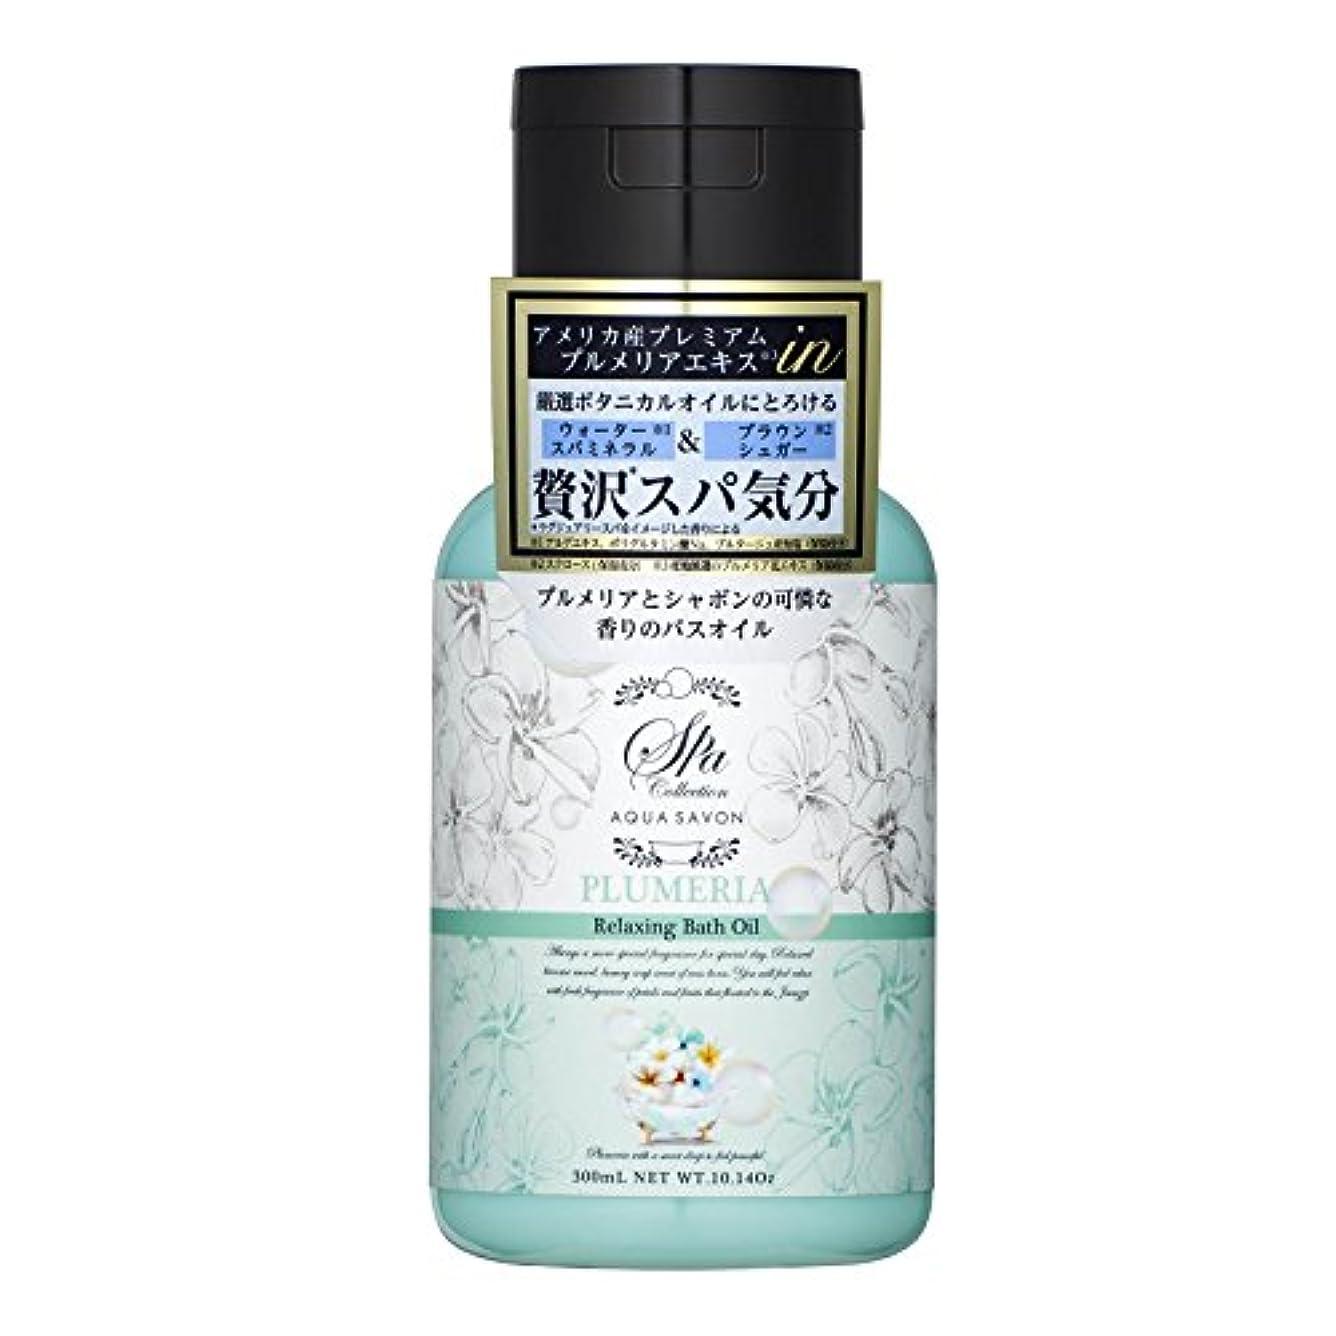 謝るセミナー液体アクアシャボン スパコレクション リラクシングバスオイル プルメリアスパの香り 300mL